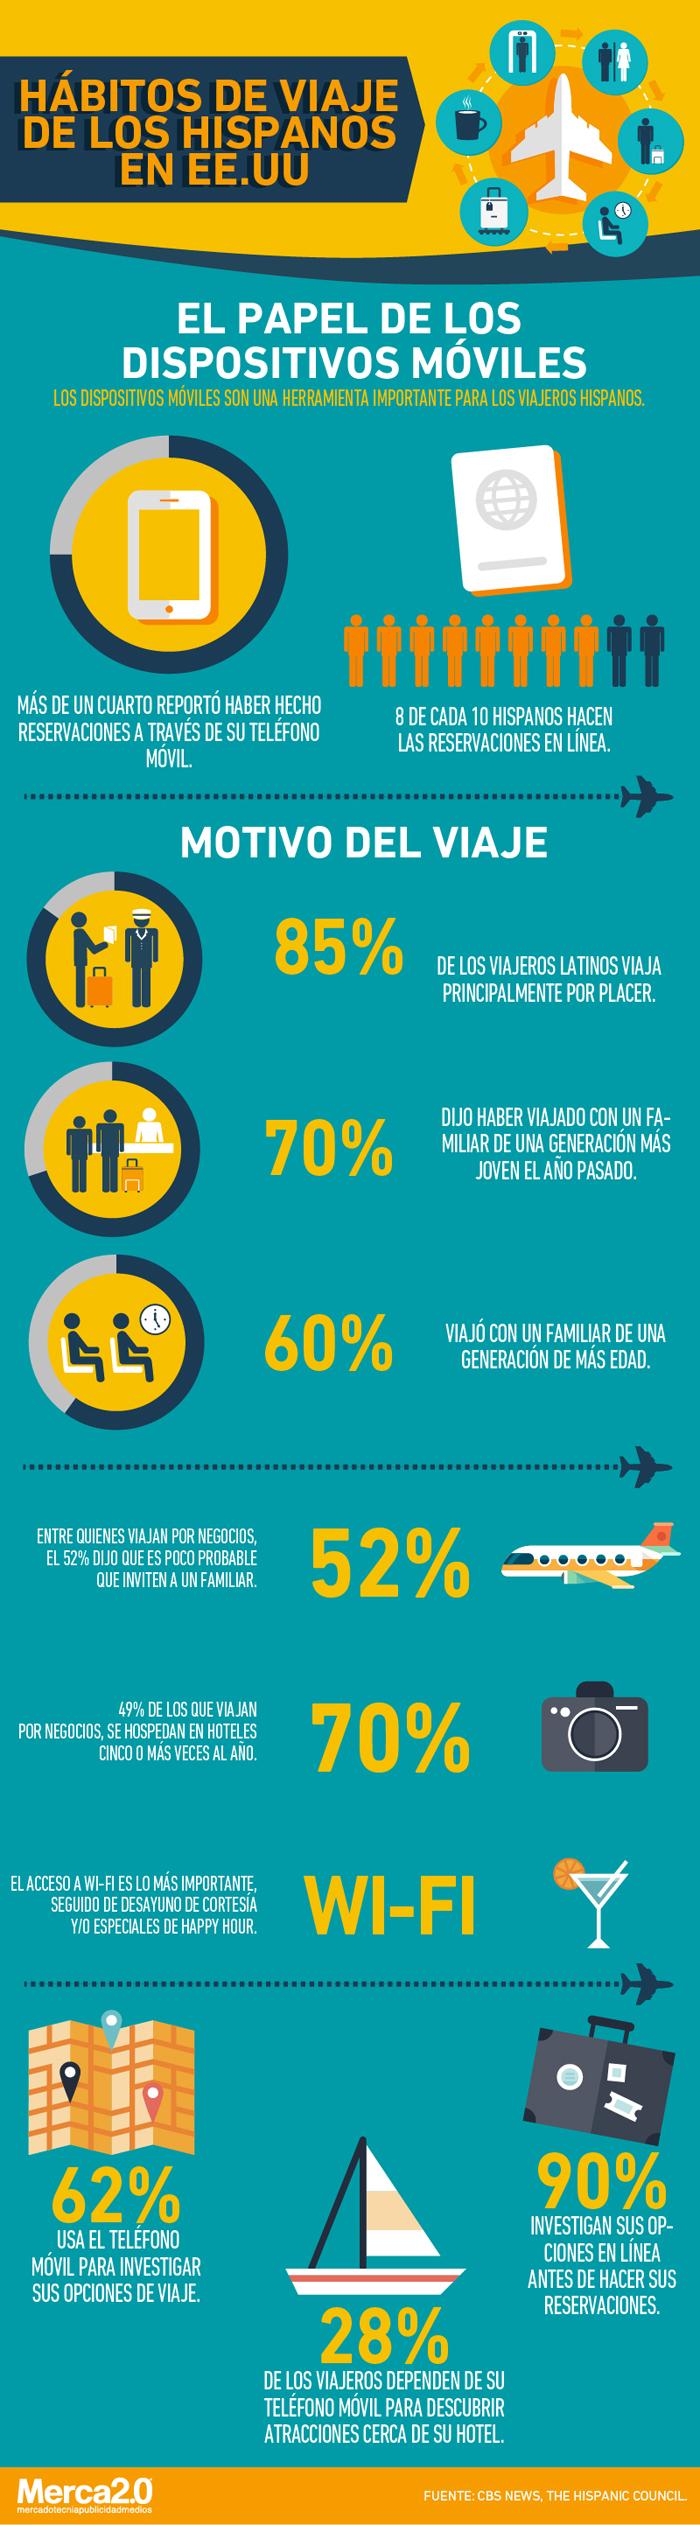 Hábitos de viaje de los hispanos en Estados Unidos